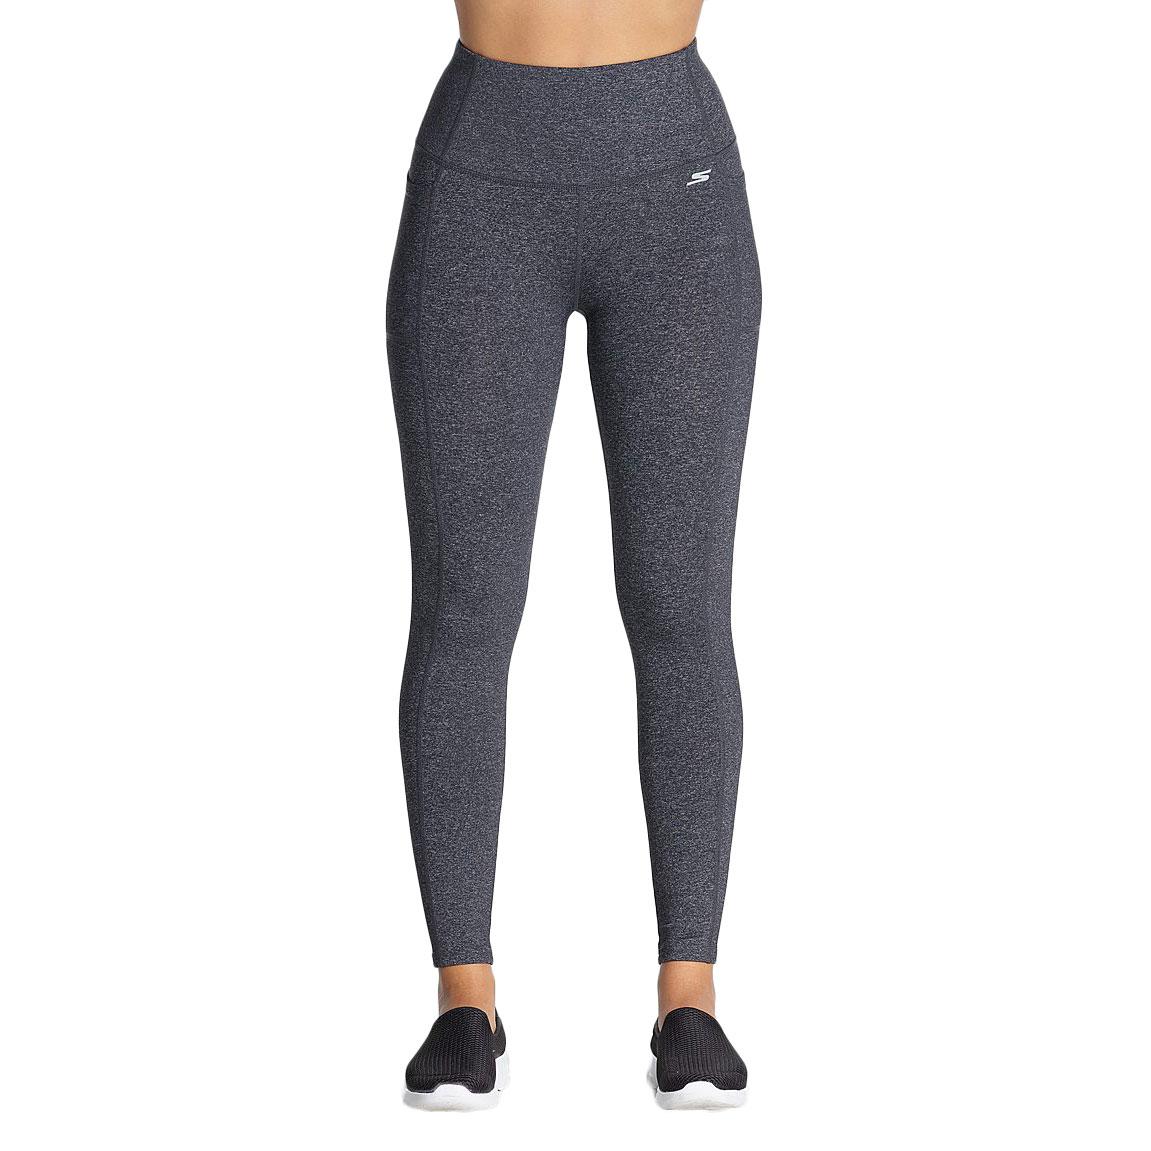 Skechers Women's Go Flex High-Waist Leggings - Black, M